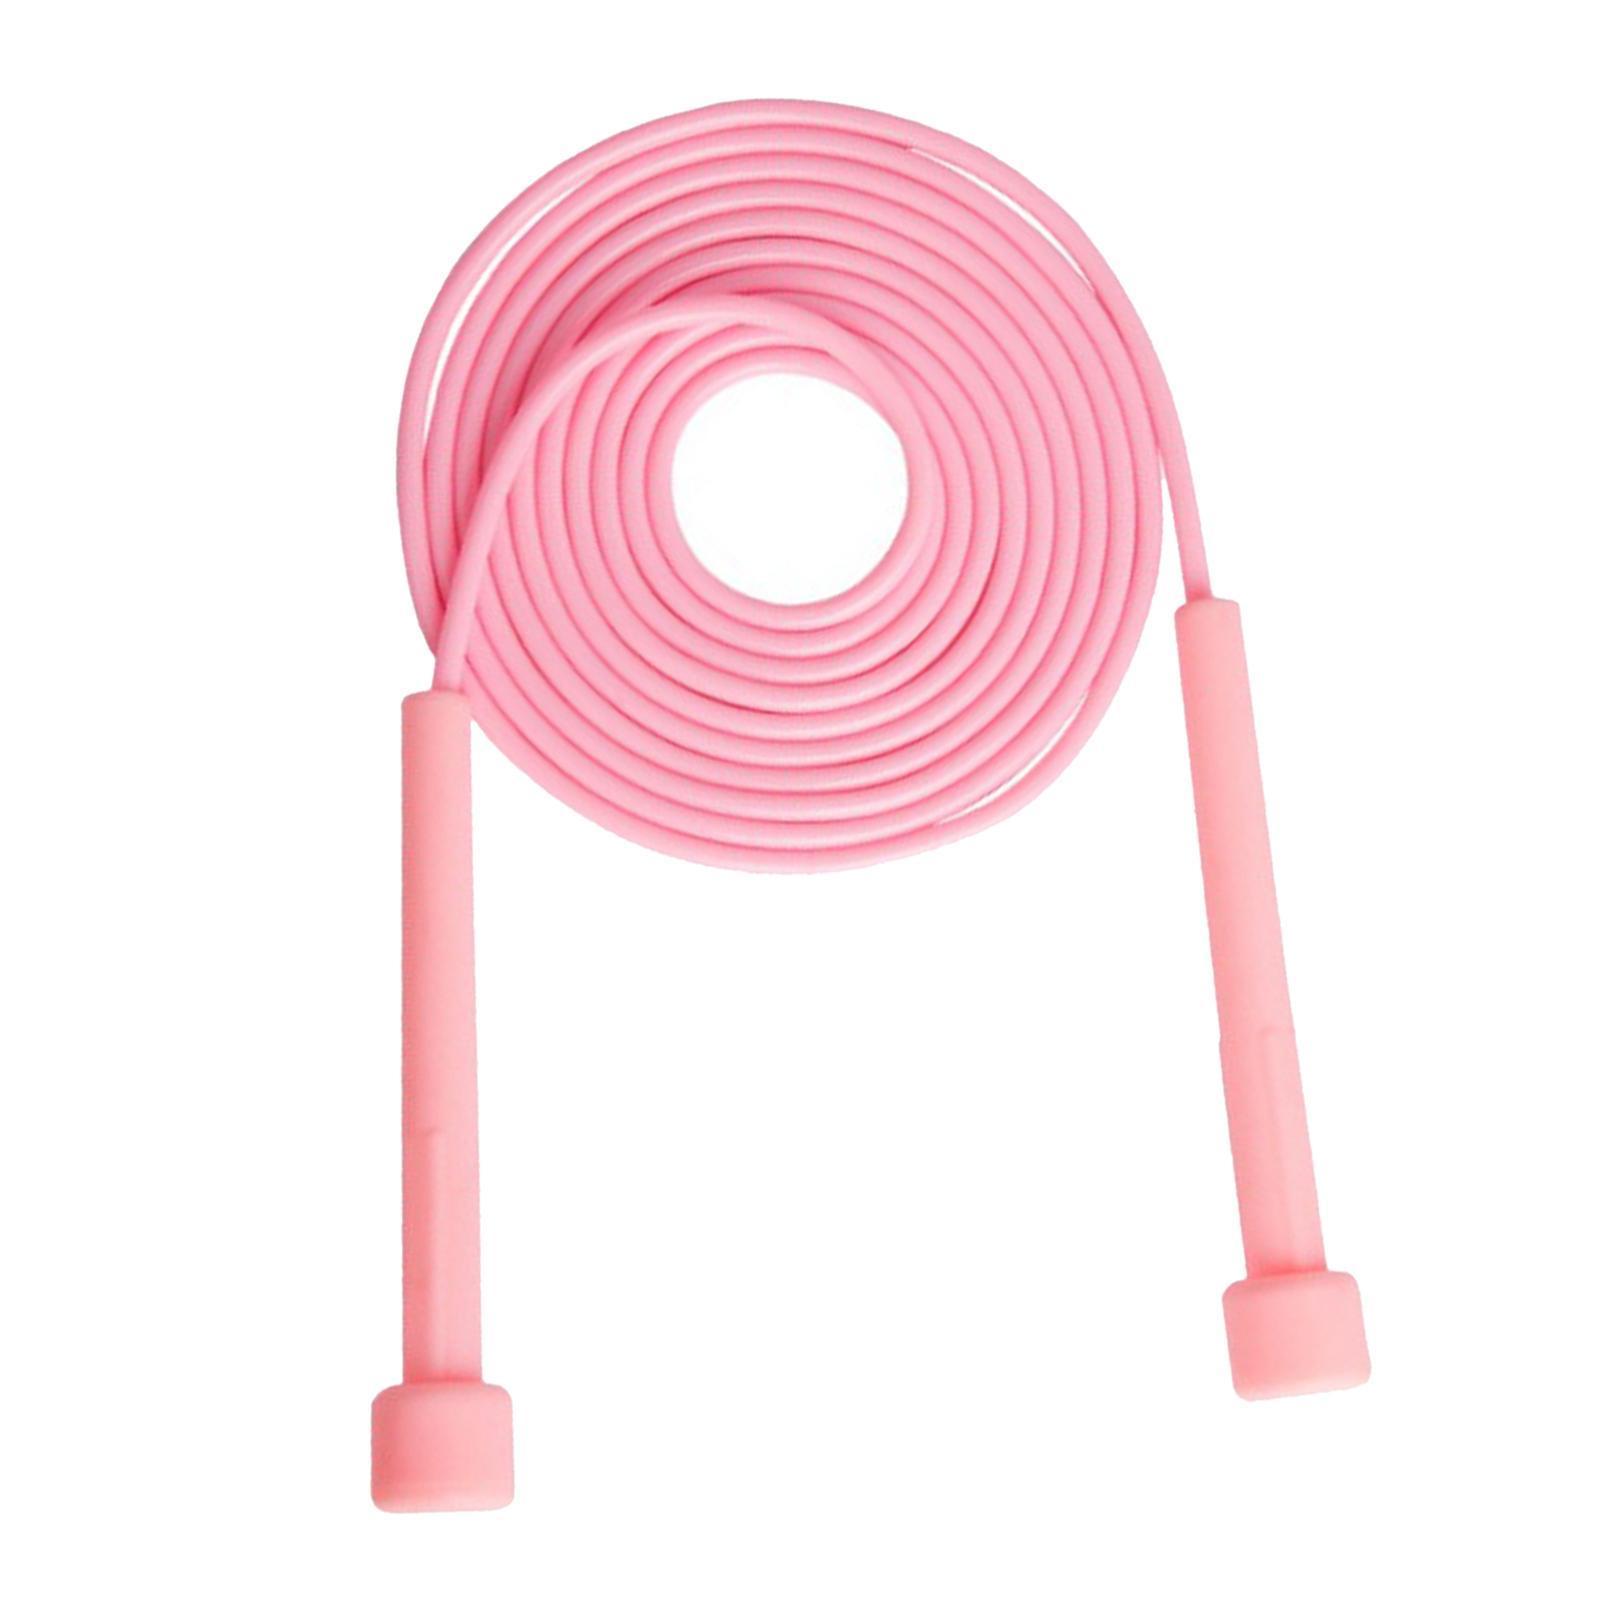 miniature 5 - Corde à sauter Réglable Corde À Sauter Enfants Garçons Filles Adulte Gym Fit